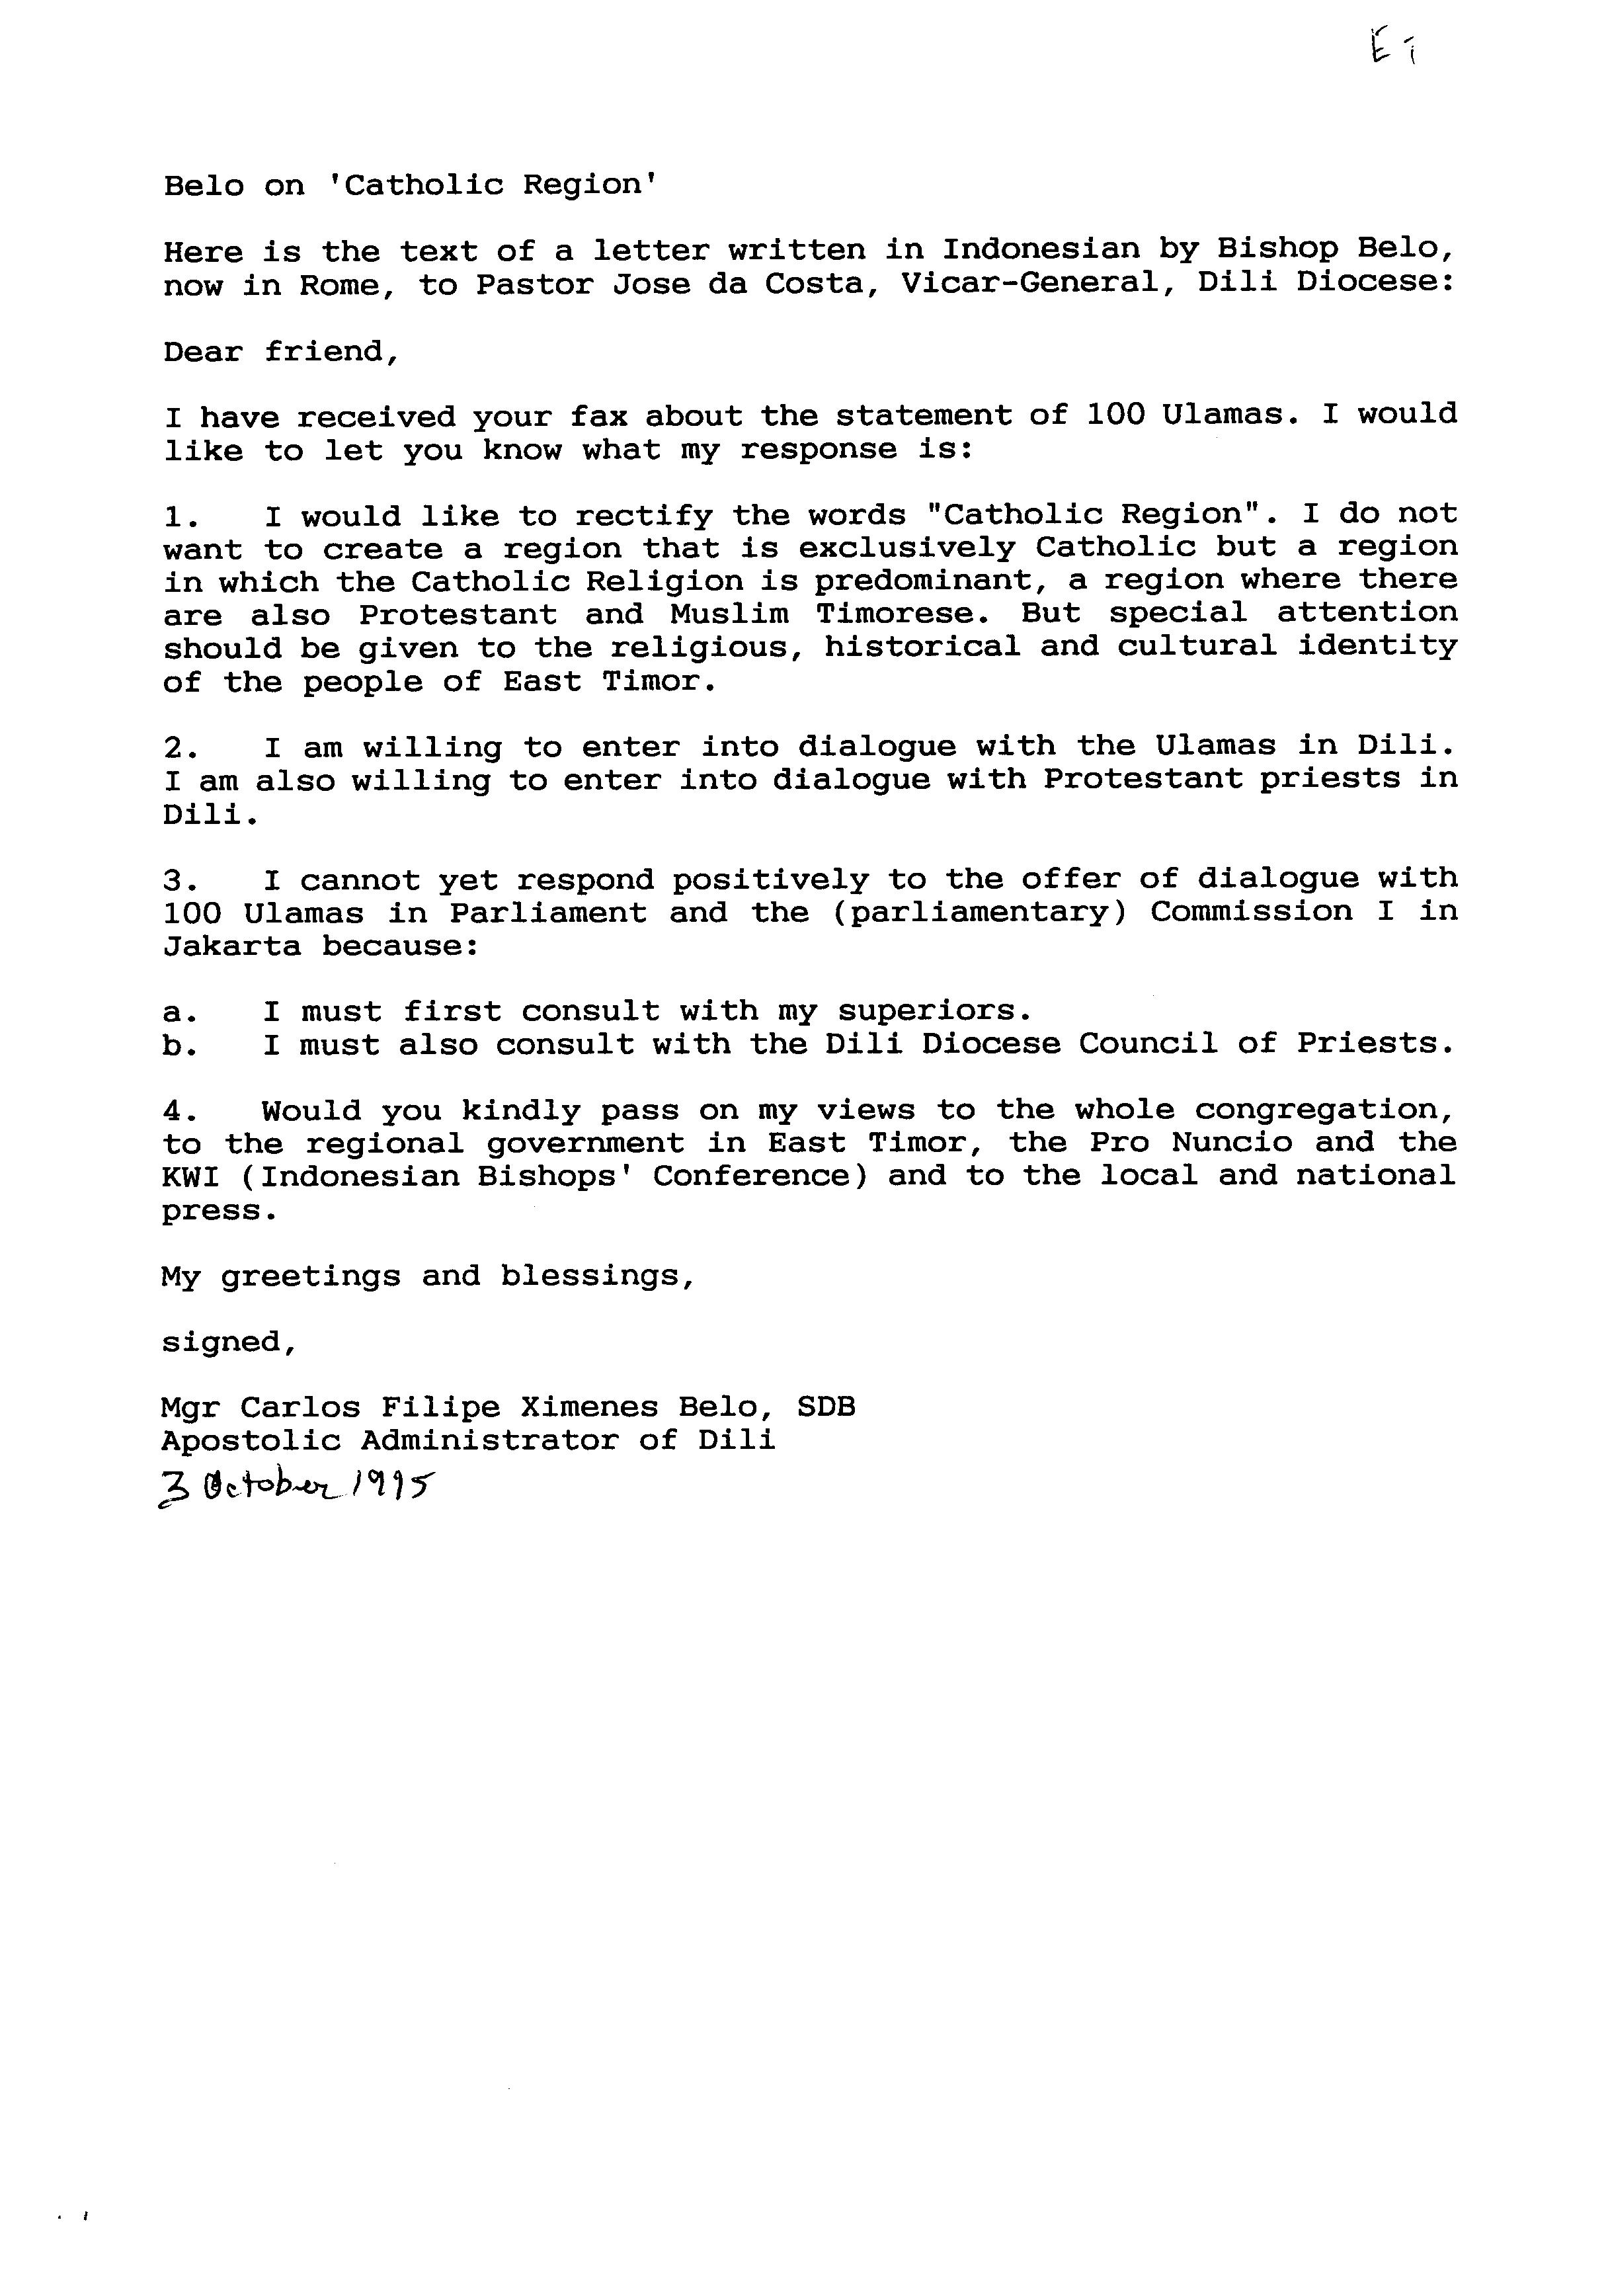 06506.023- pag.1